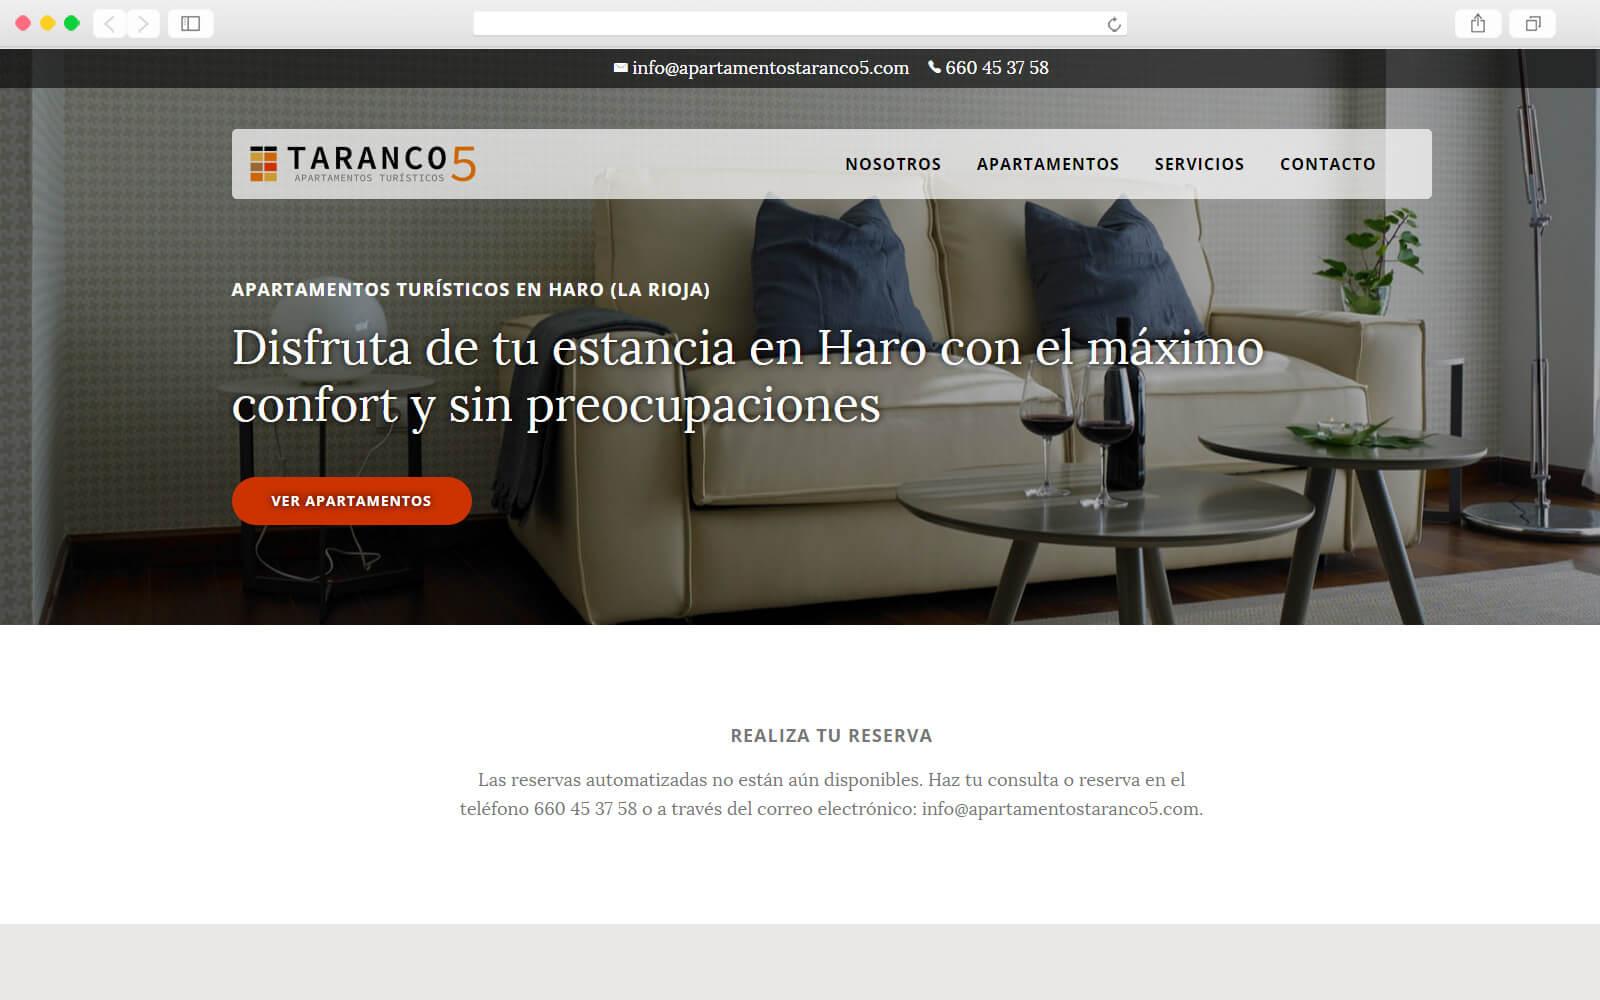 Home page de Apartamentos Taranco 5